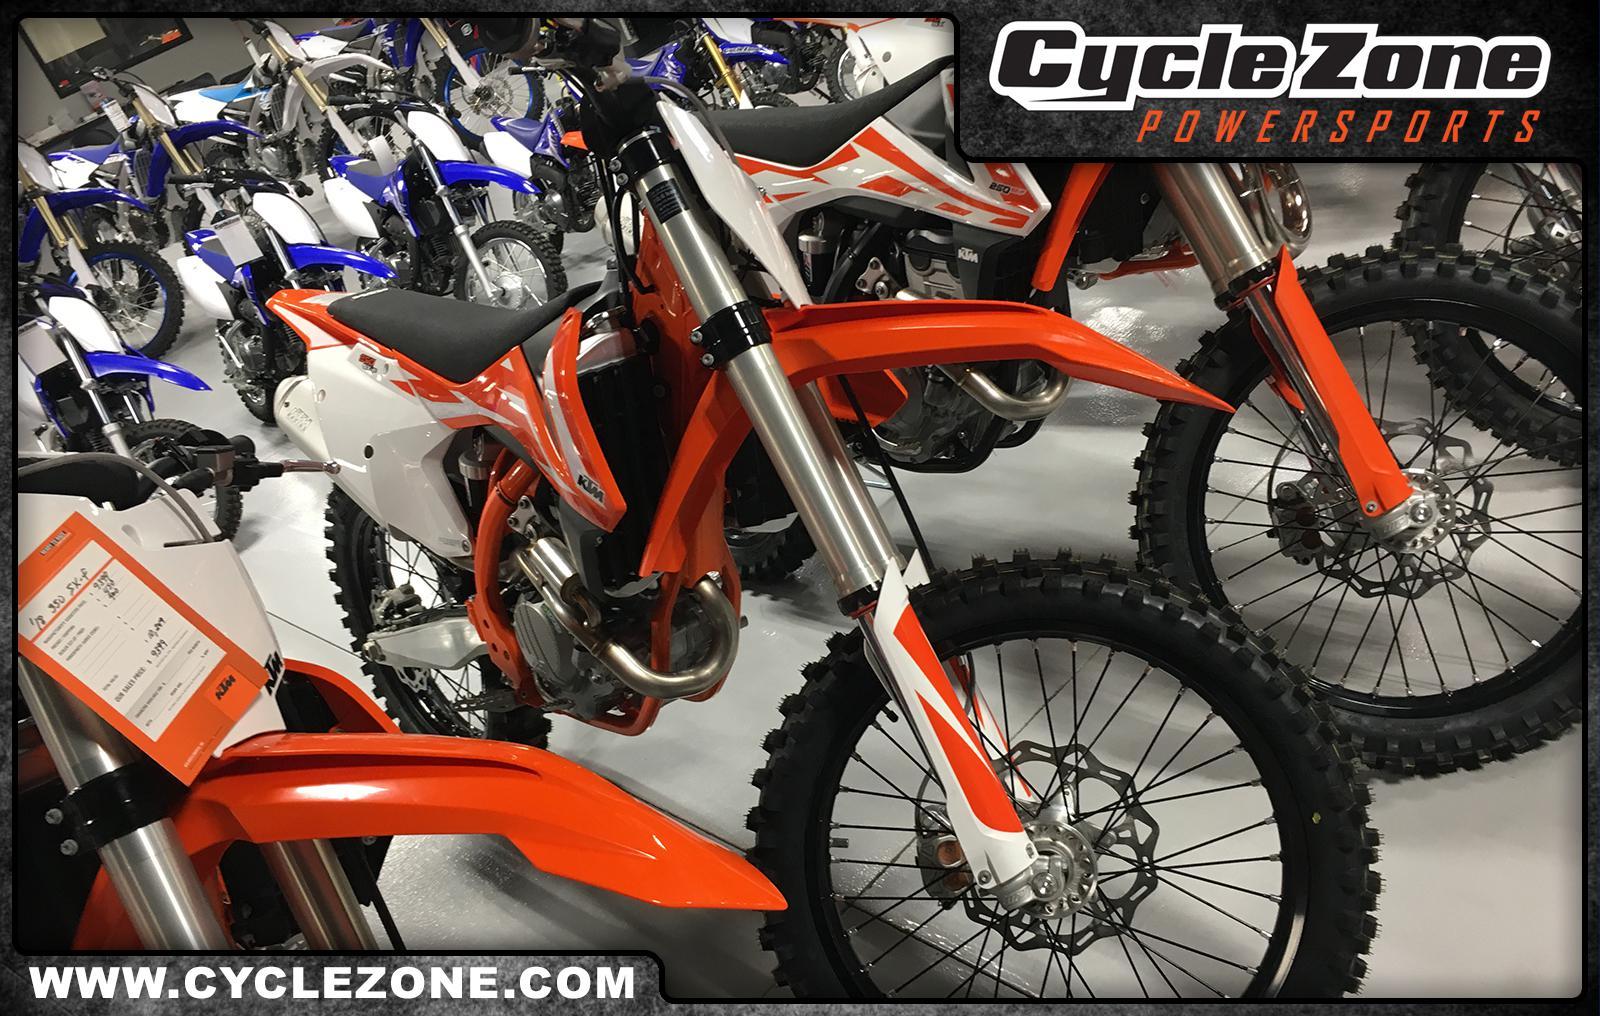 2018 ktm 250sxf. perfect 250sxf 2018 ktm 250 sxf for sale in topeka ks  cycle zone powersports 866  8437433 in ktm 250sxf